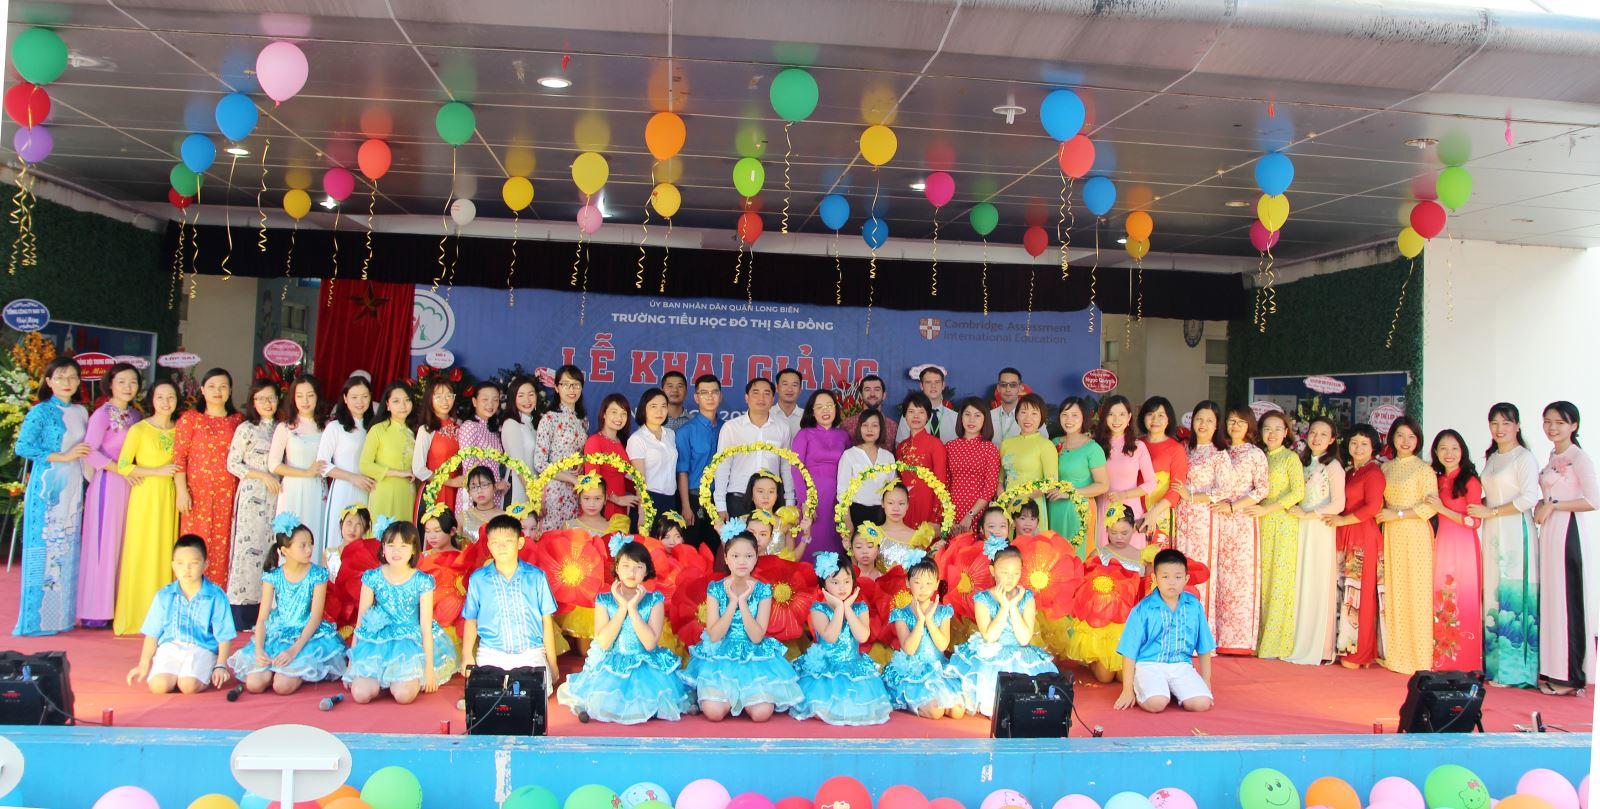 Trường TH Đô thị Sài Đồng 5 năm thành lập và phát triển